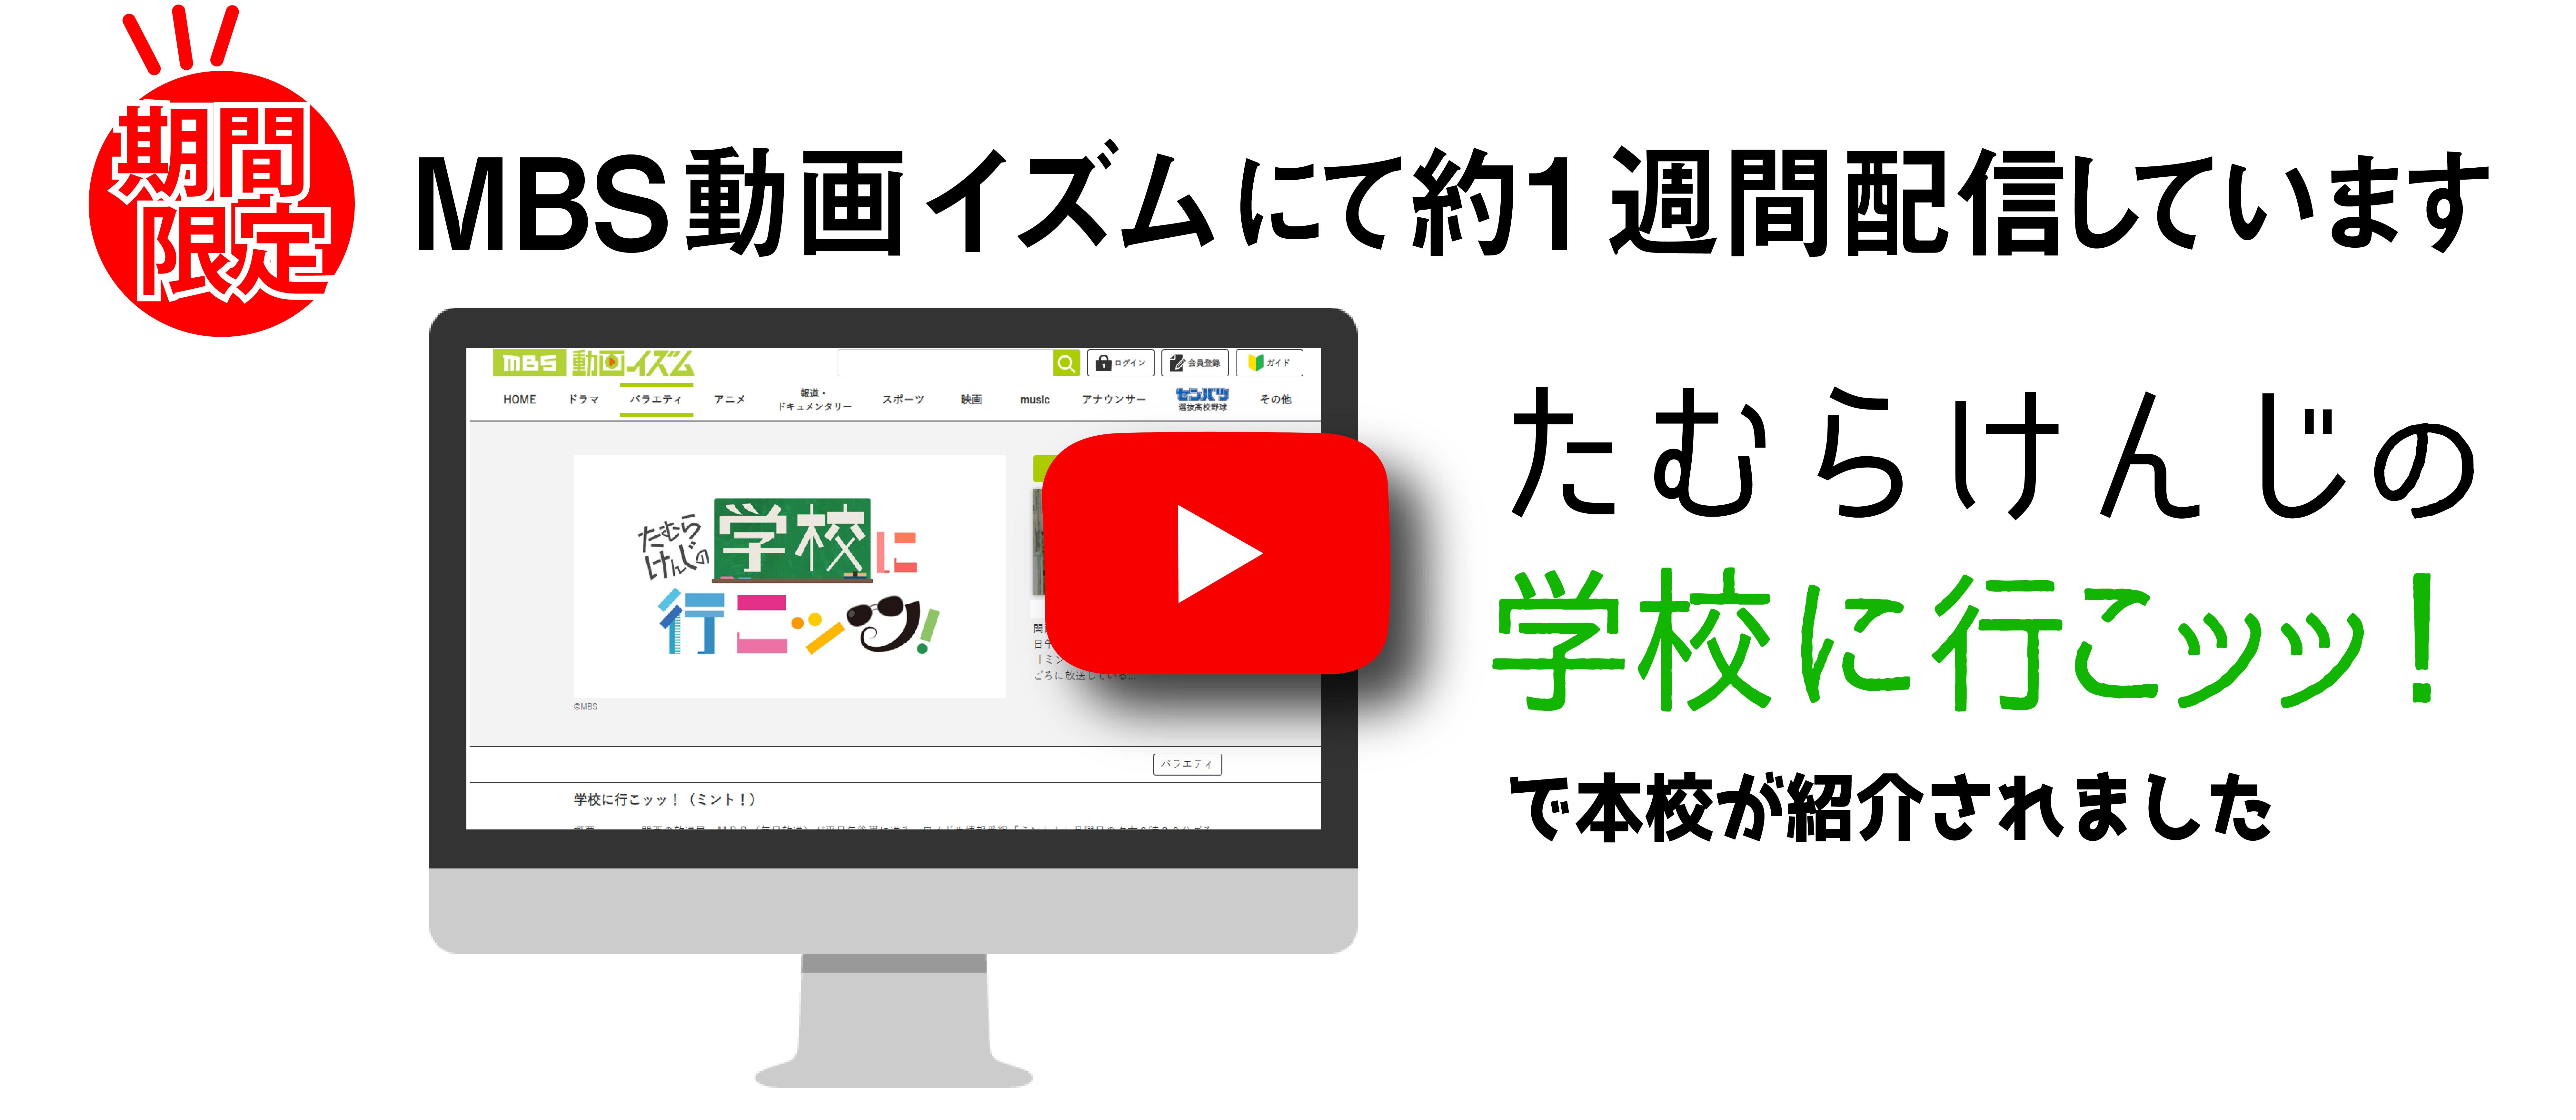 MBS動画イズム「学校へ行こッッ!」